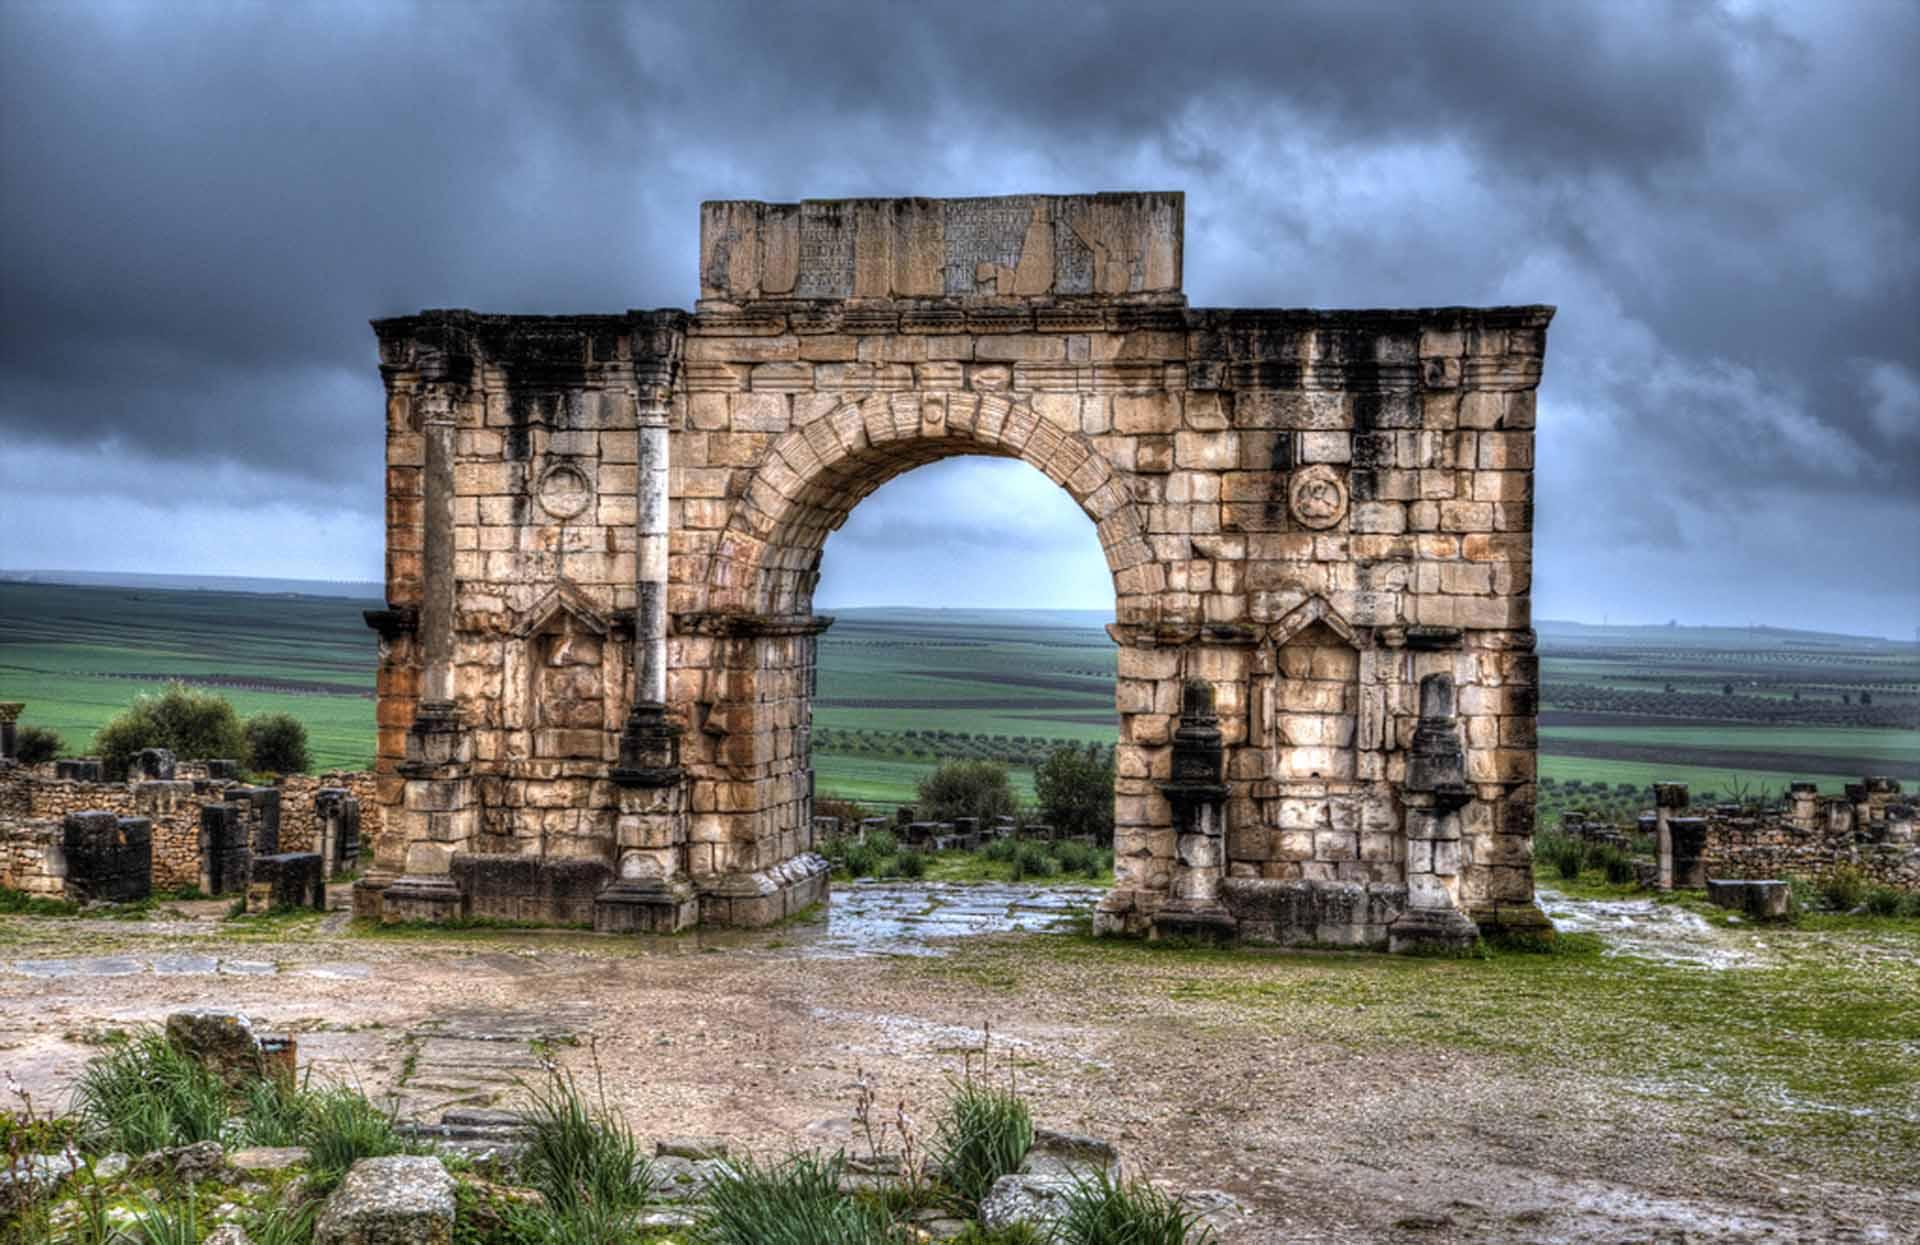 Triumphal arch, Volubilis, Meknes city